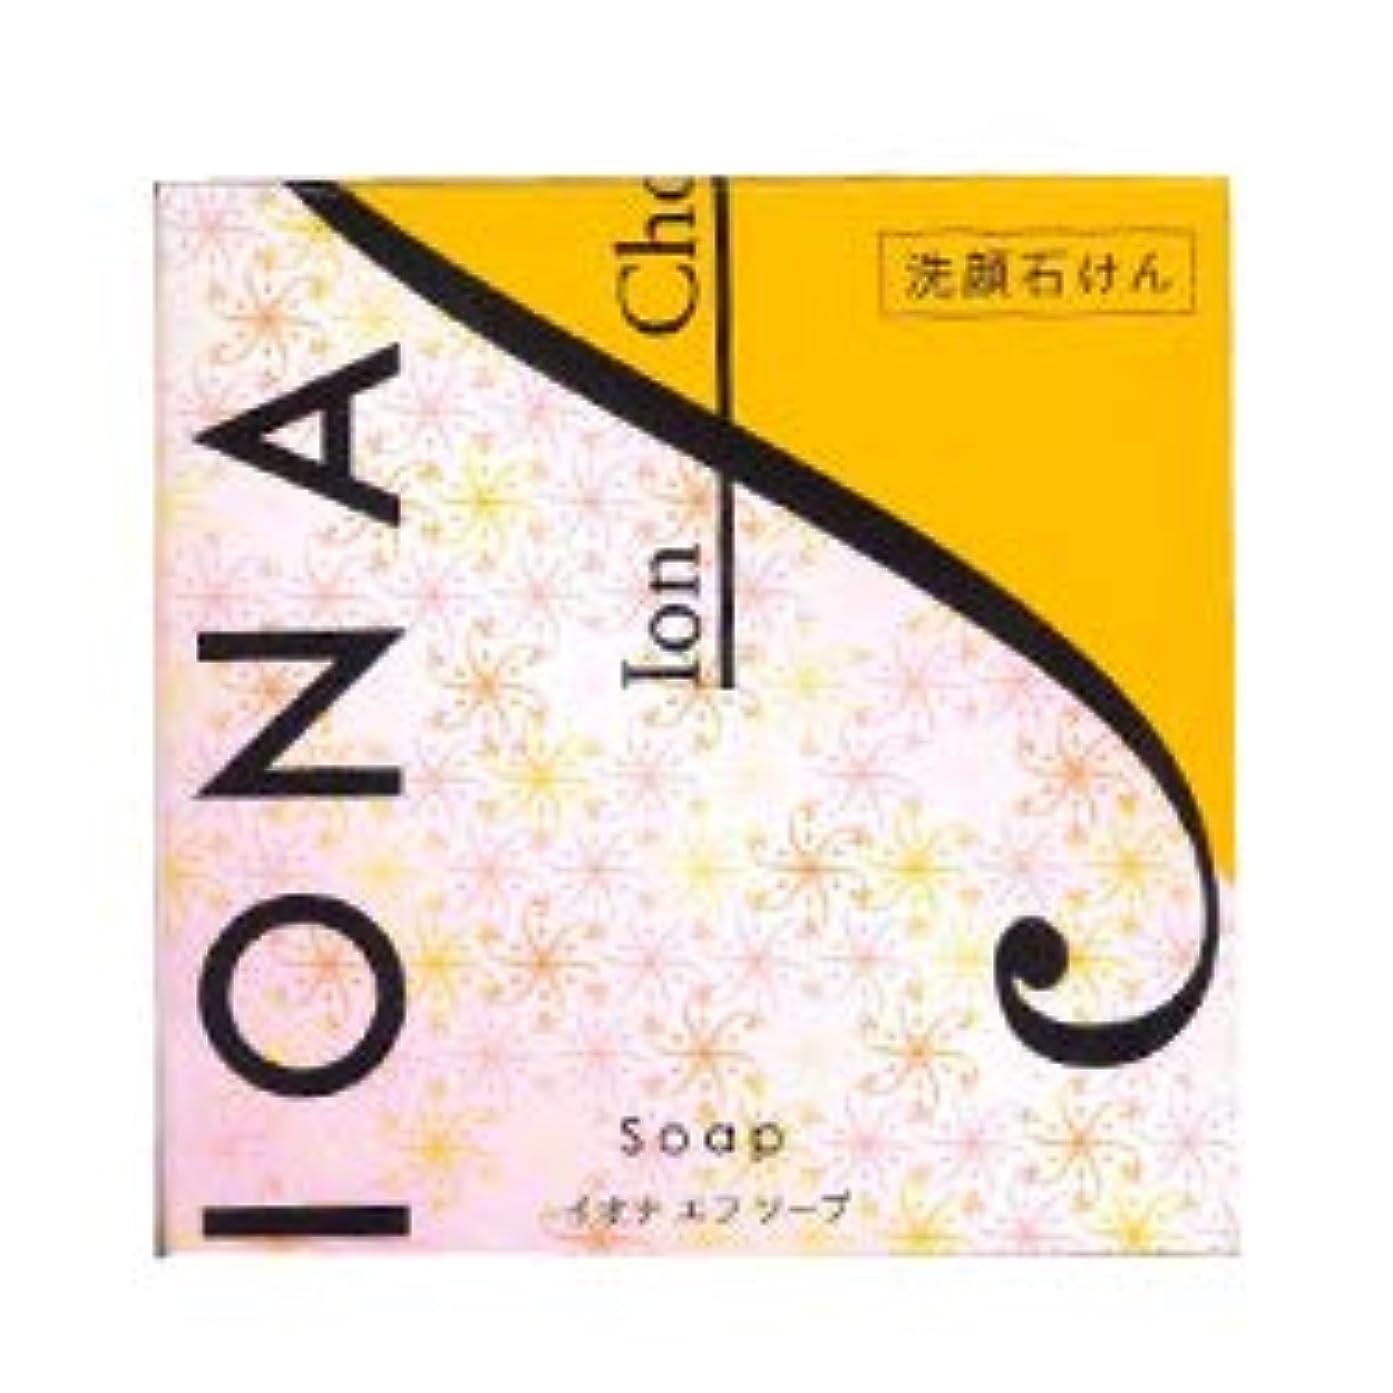 風刺繊毛あいまい【イオナ】イオナ エフ ソープ 90g